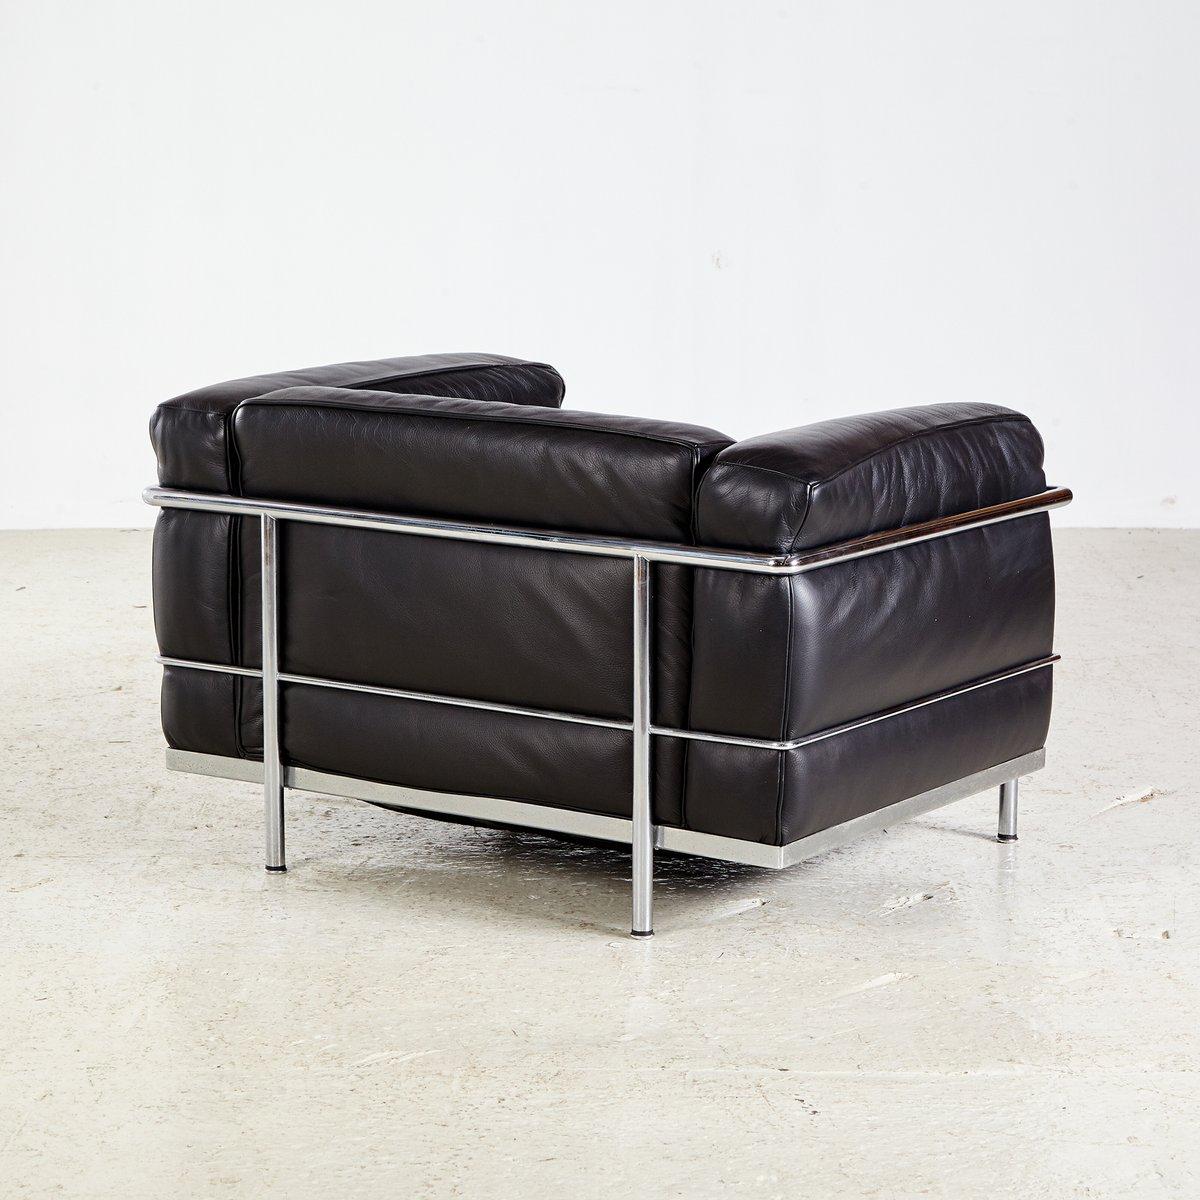 Poltrona LC3 vintage di Le Corbusier per Cassina in vendita su Pamono